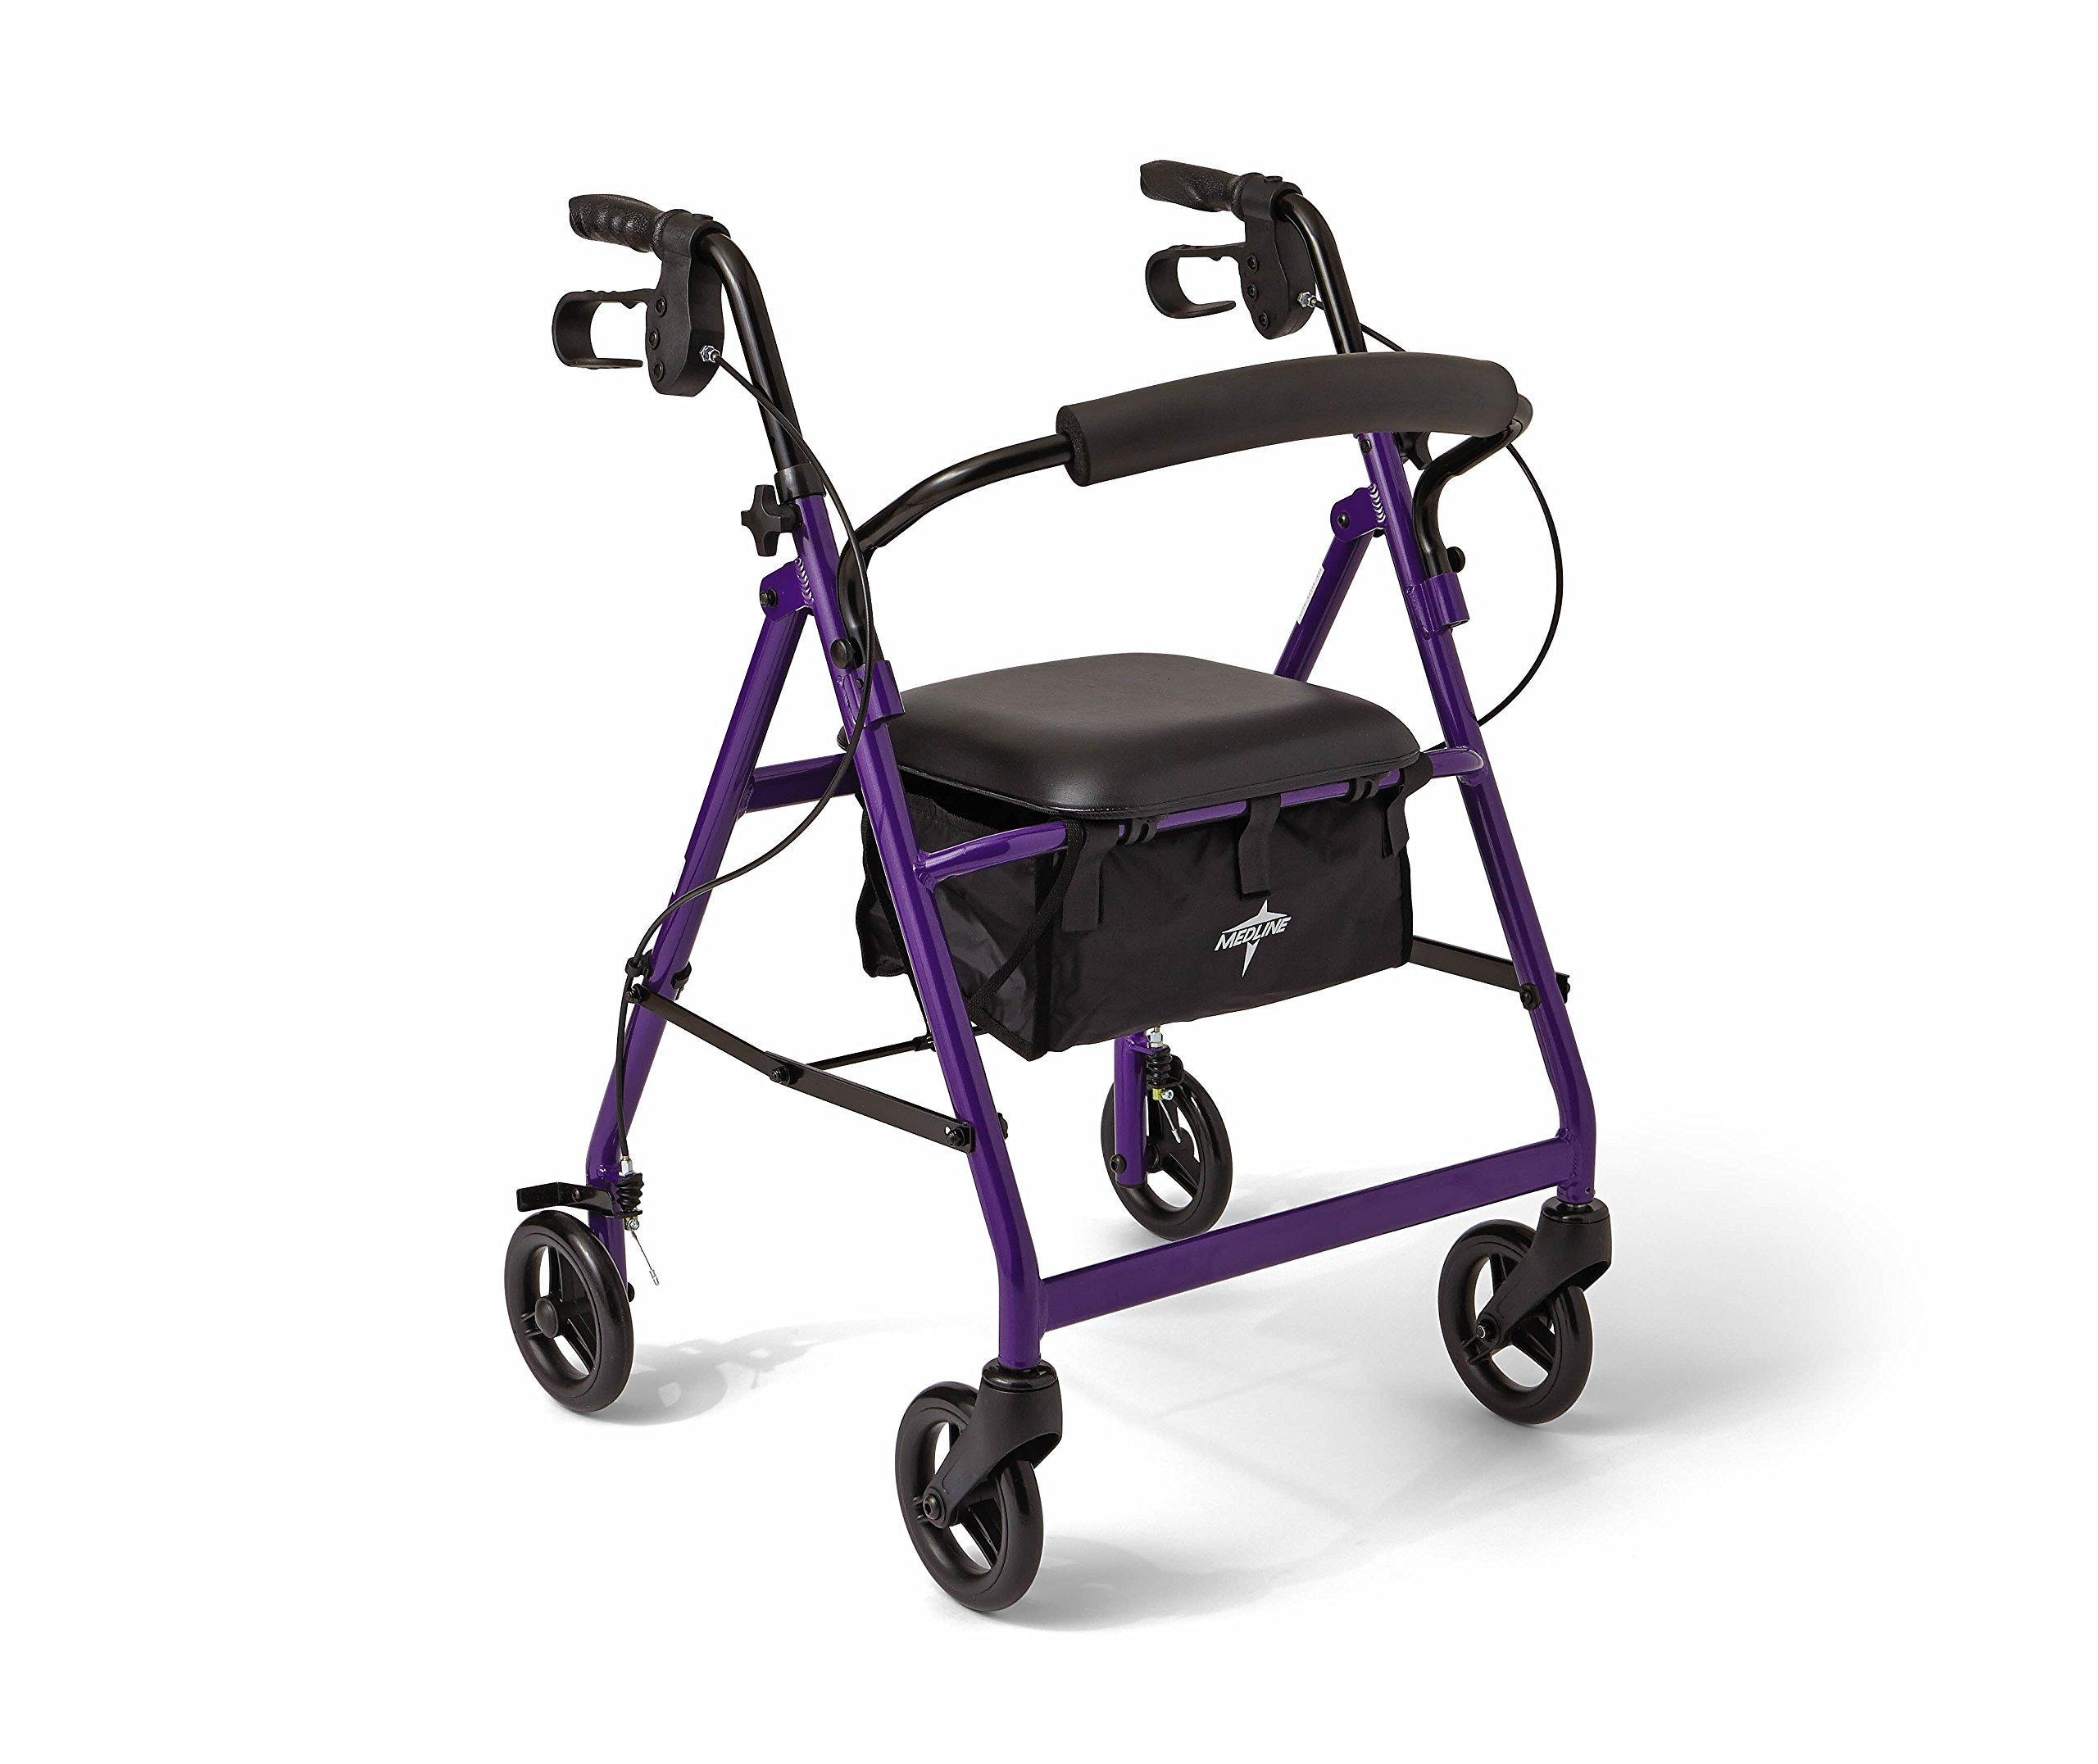 Medline Aluminum Rollator Walker with Seat, Folding Mobility Rolling Walker has 6 inch Wheels, Purple by Medline